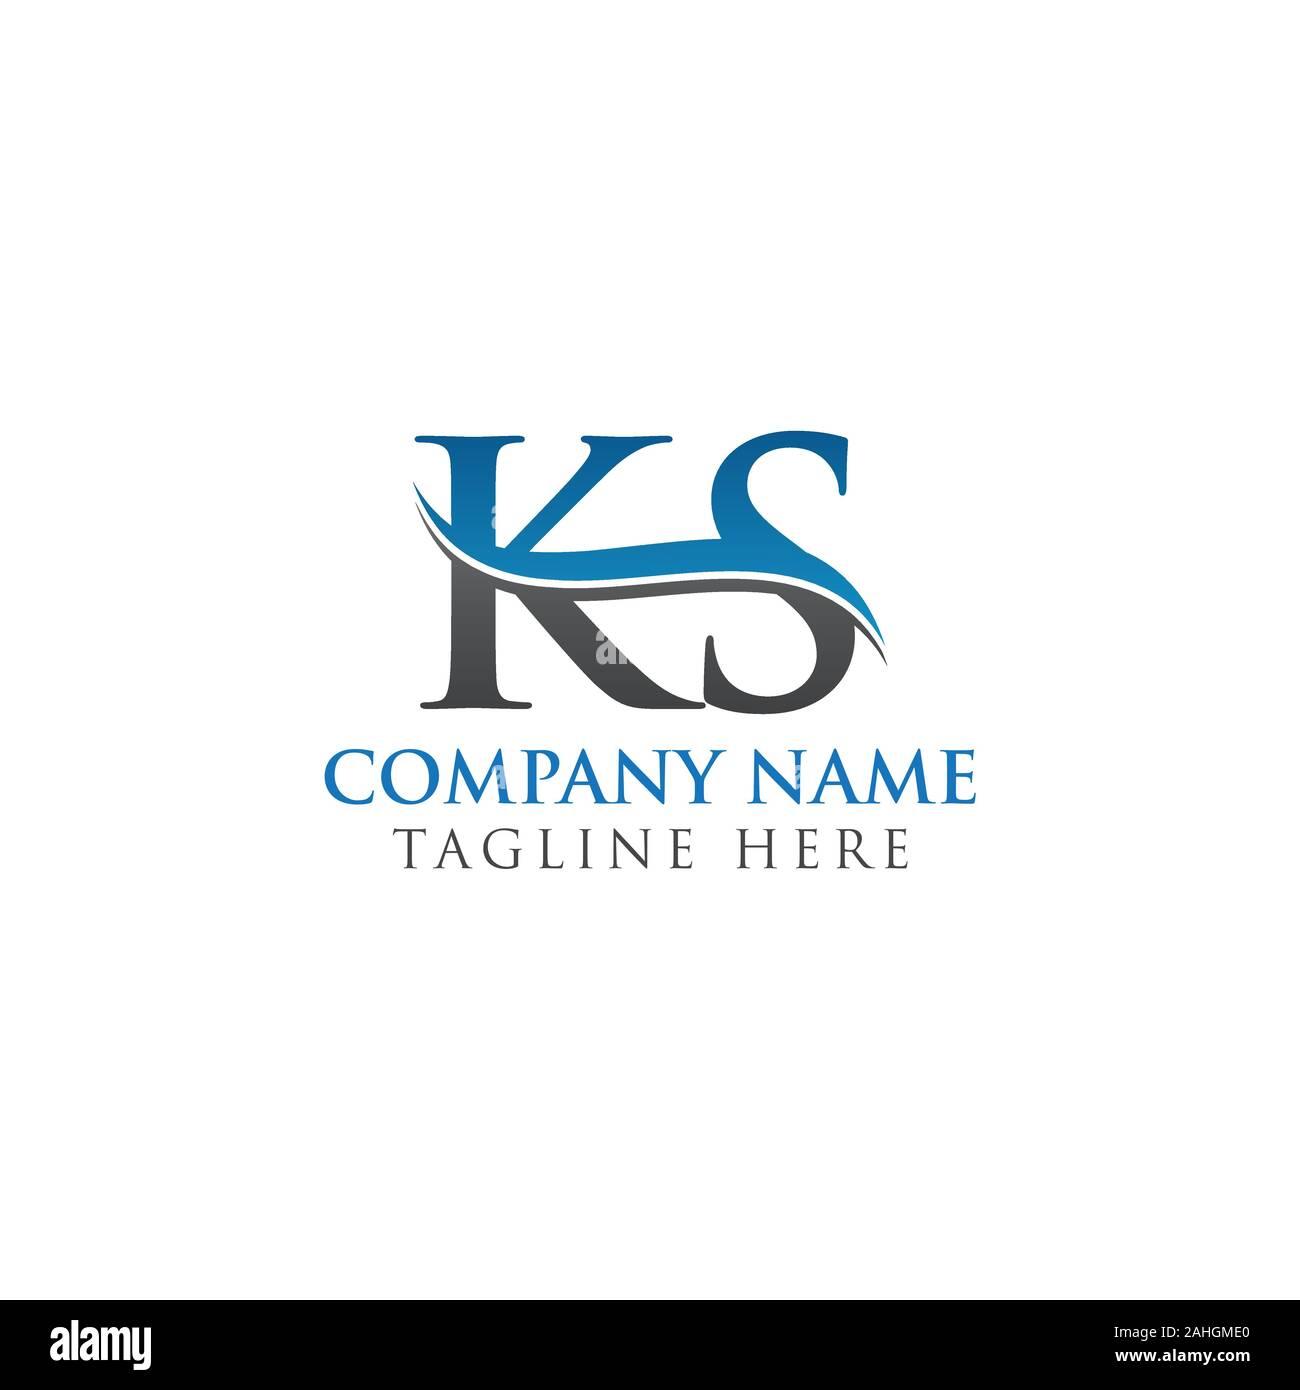 Initial Ks Letter Logo Design Vector Template Abstract Letter Ks Logo Design Stock Vector Image Art Alamy